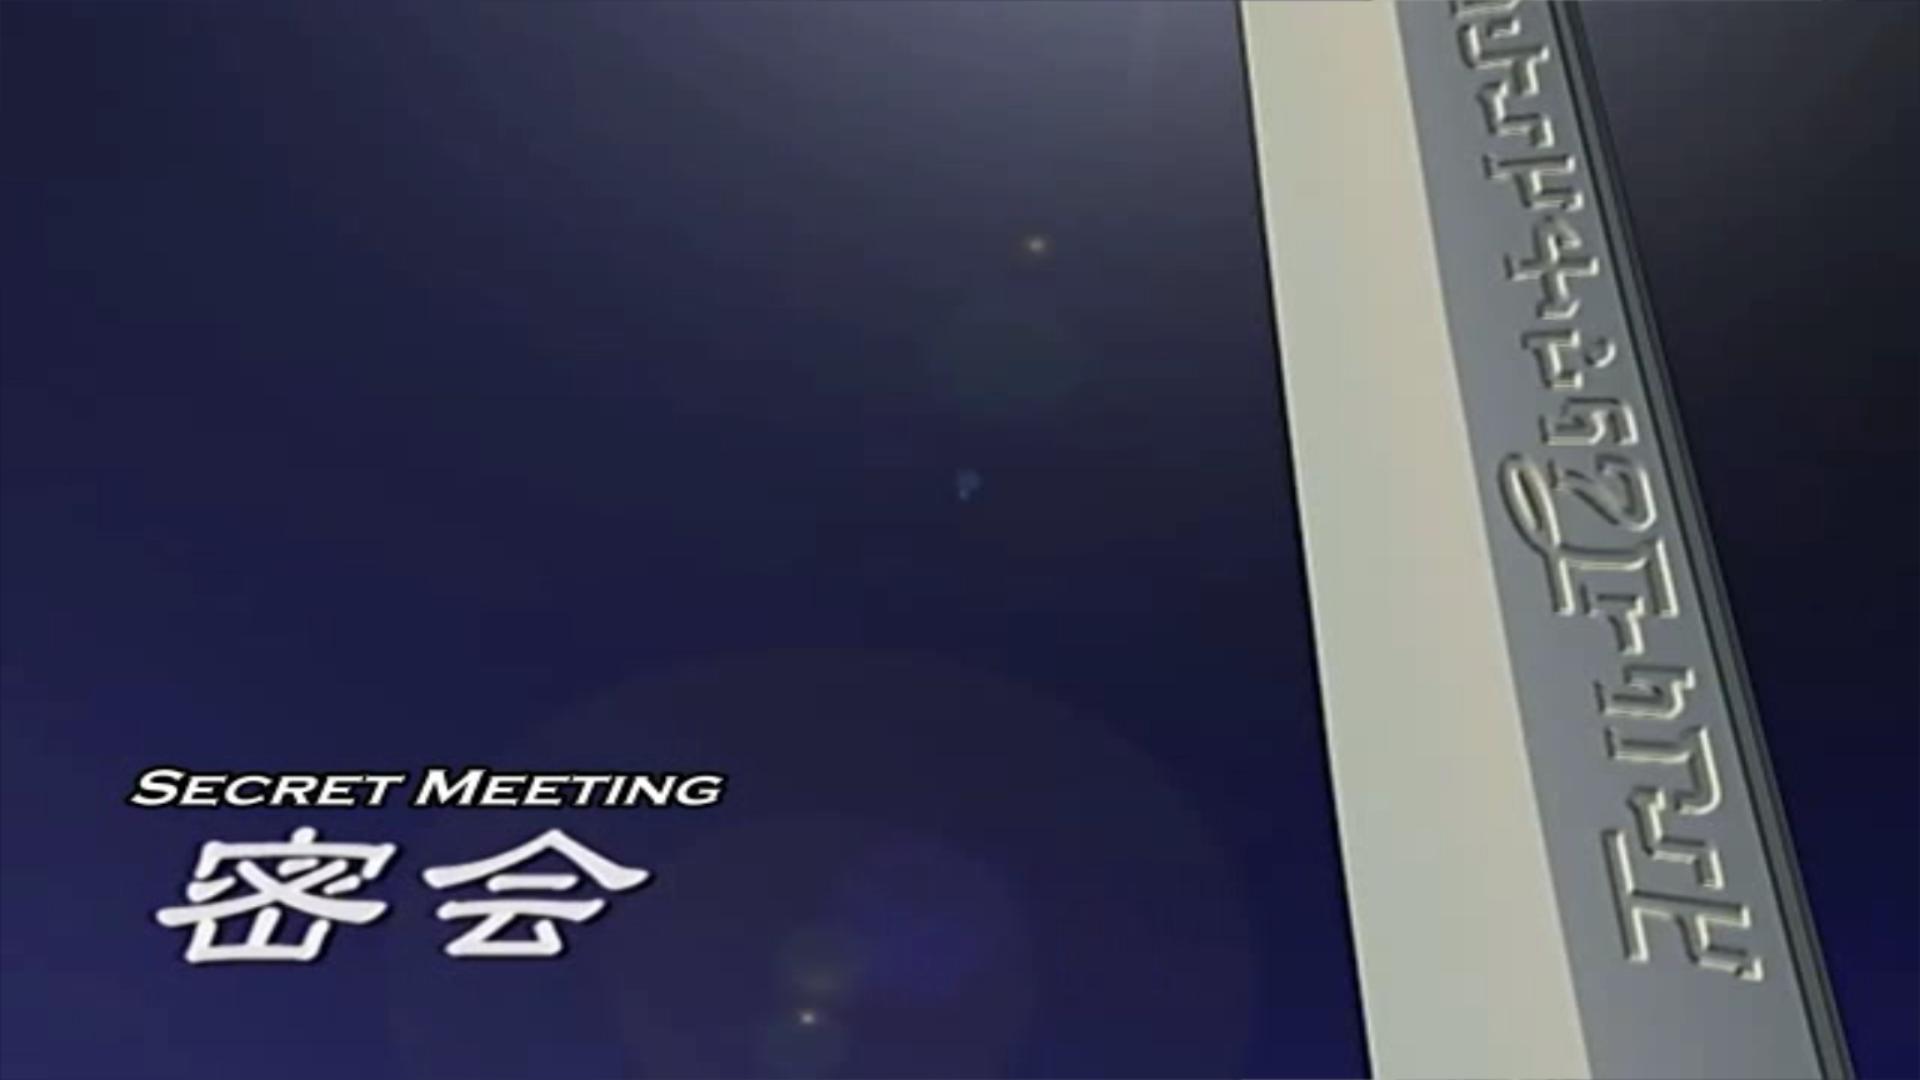 Zoids: Genesis Episode 42